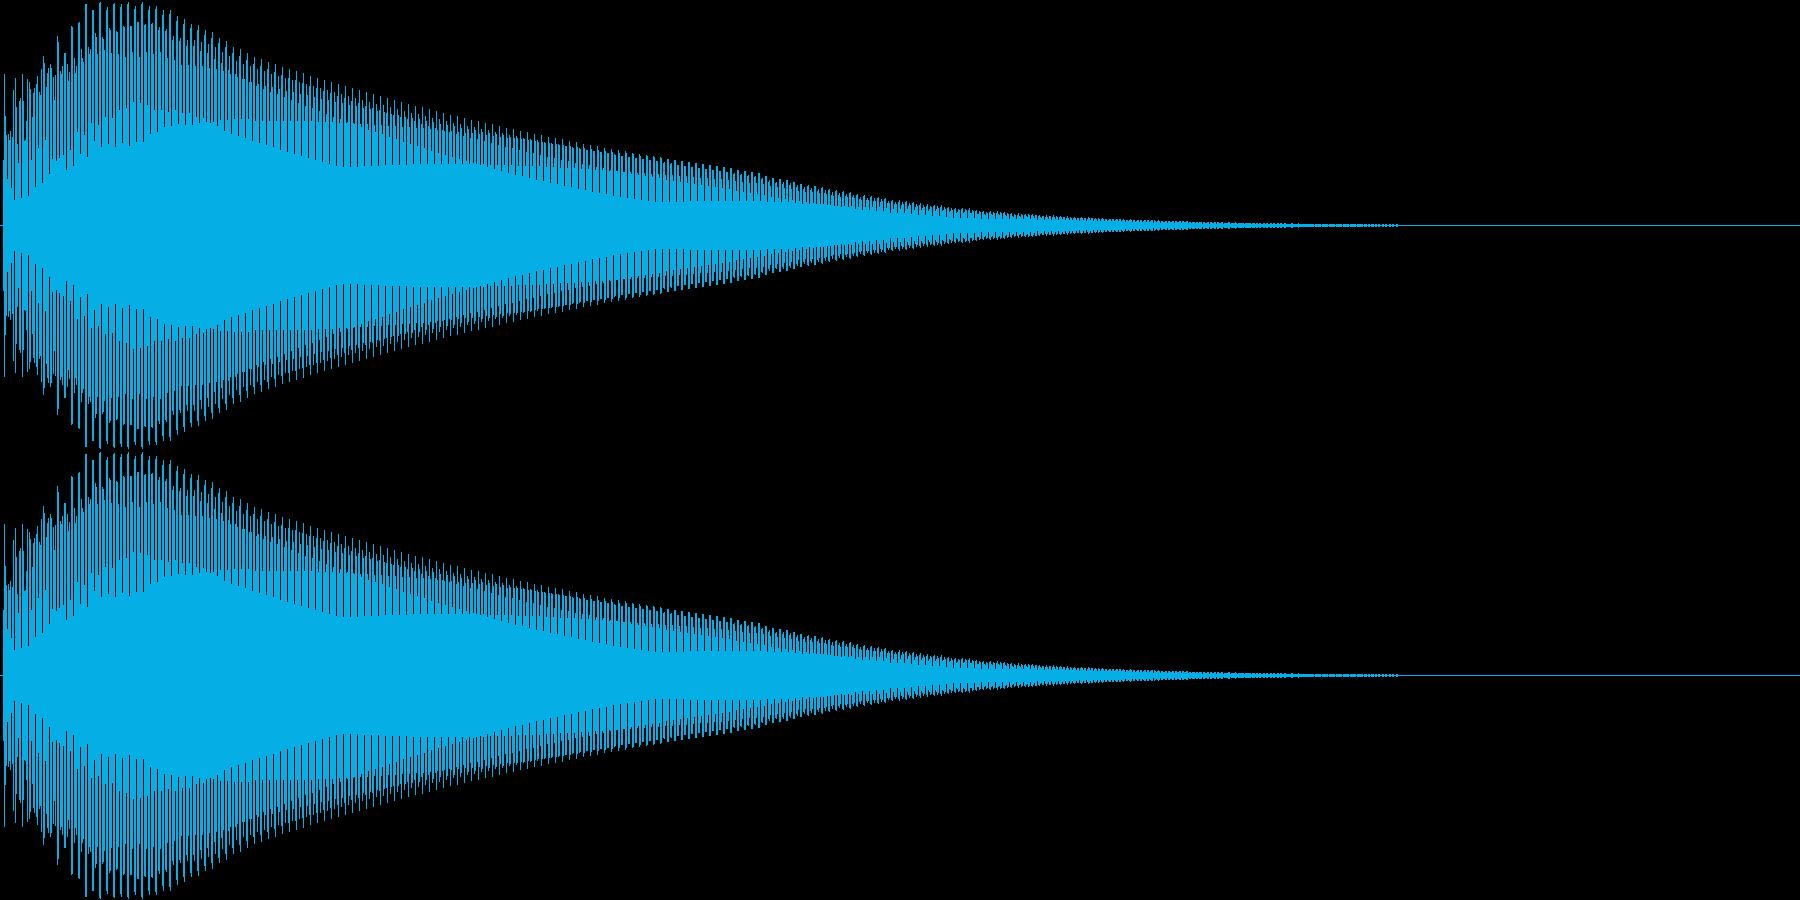 タン 高 (ボタン、スタート音)の再生済みの波形